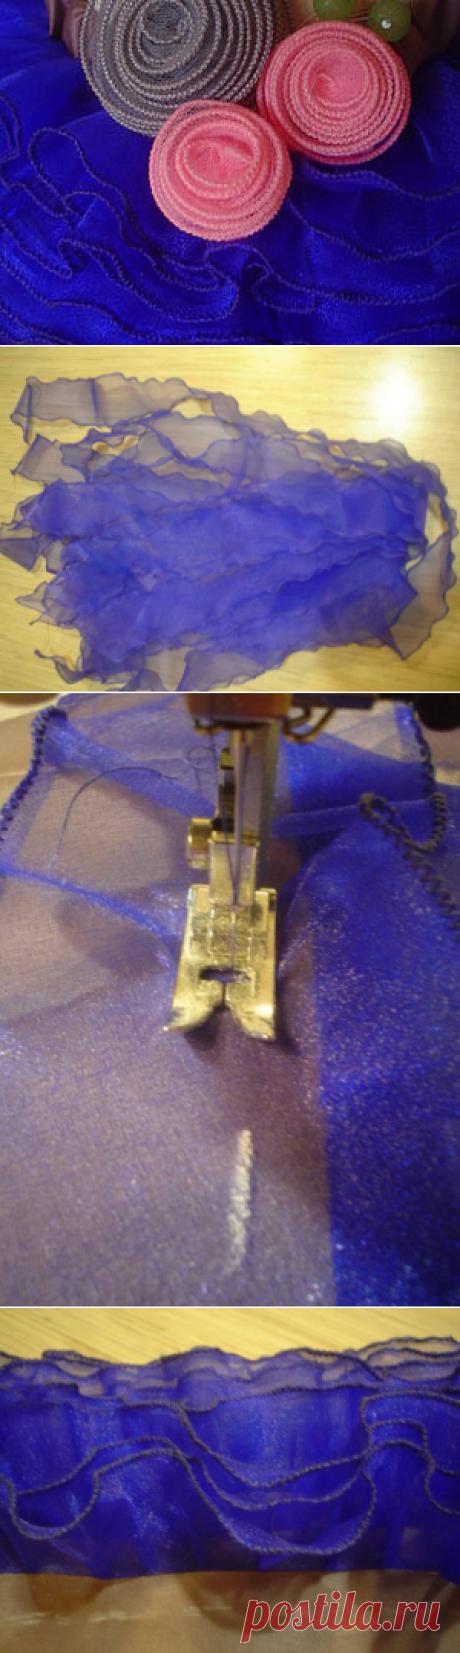 Шьем пышную юбку - Ярмарка Мастеров - ручная работа, handmade